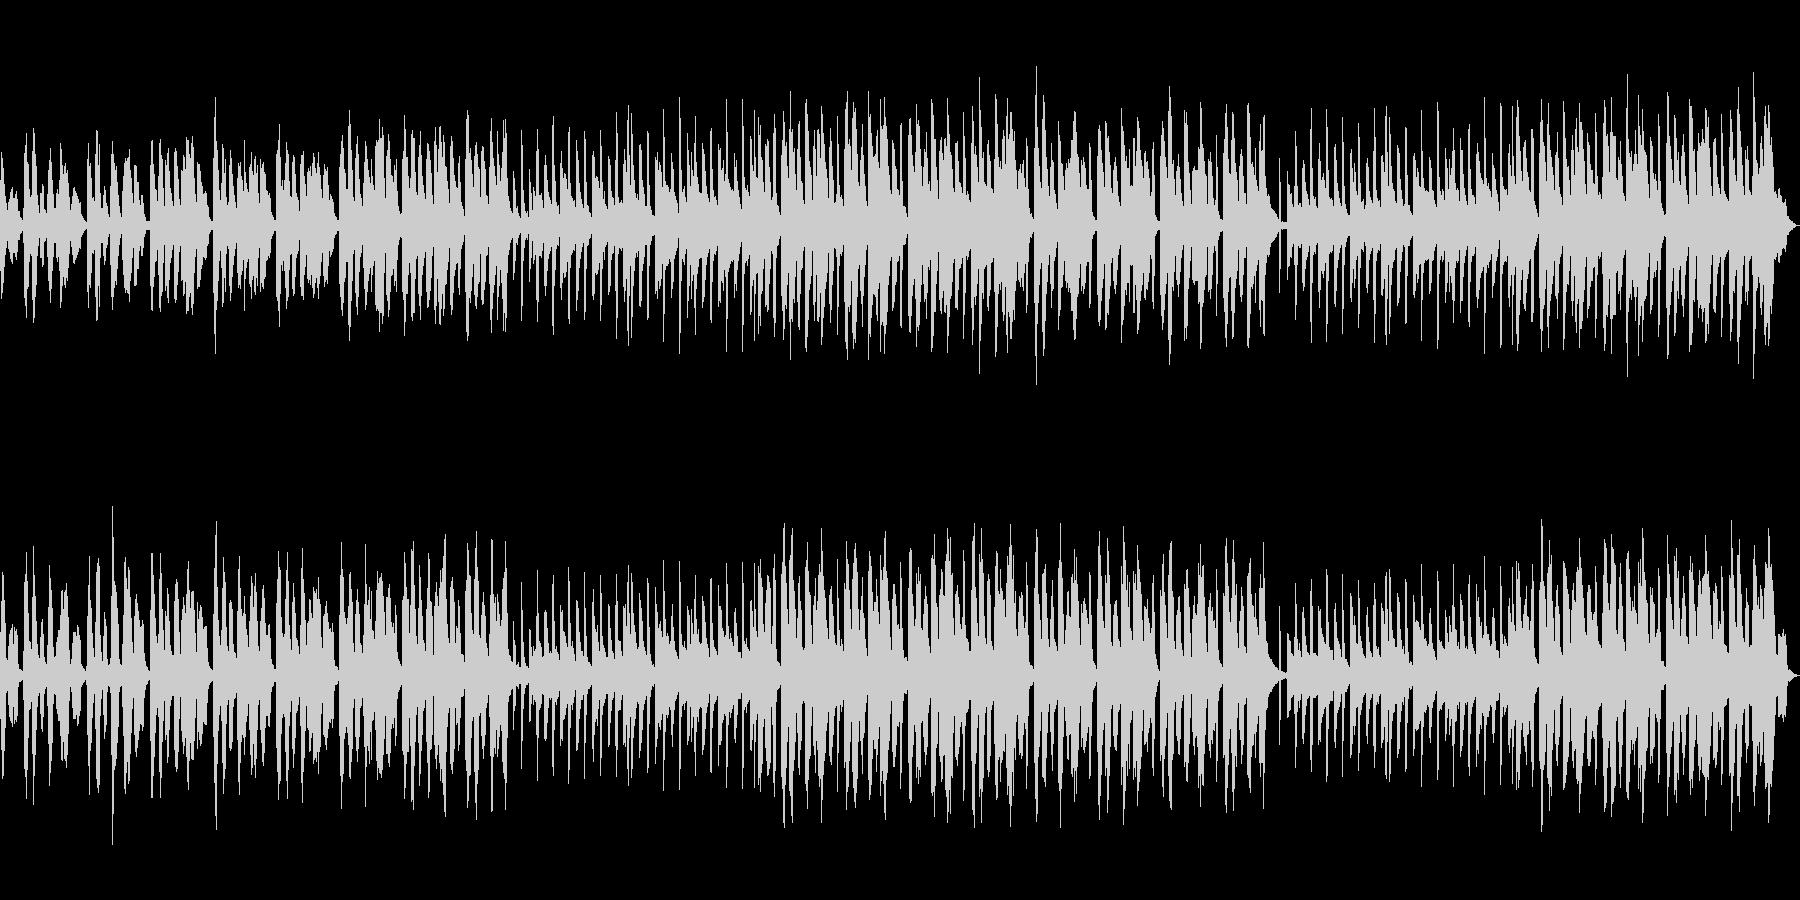 セクシー怪しいシンセBGM1の未再生の波形